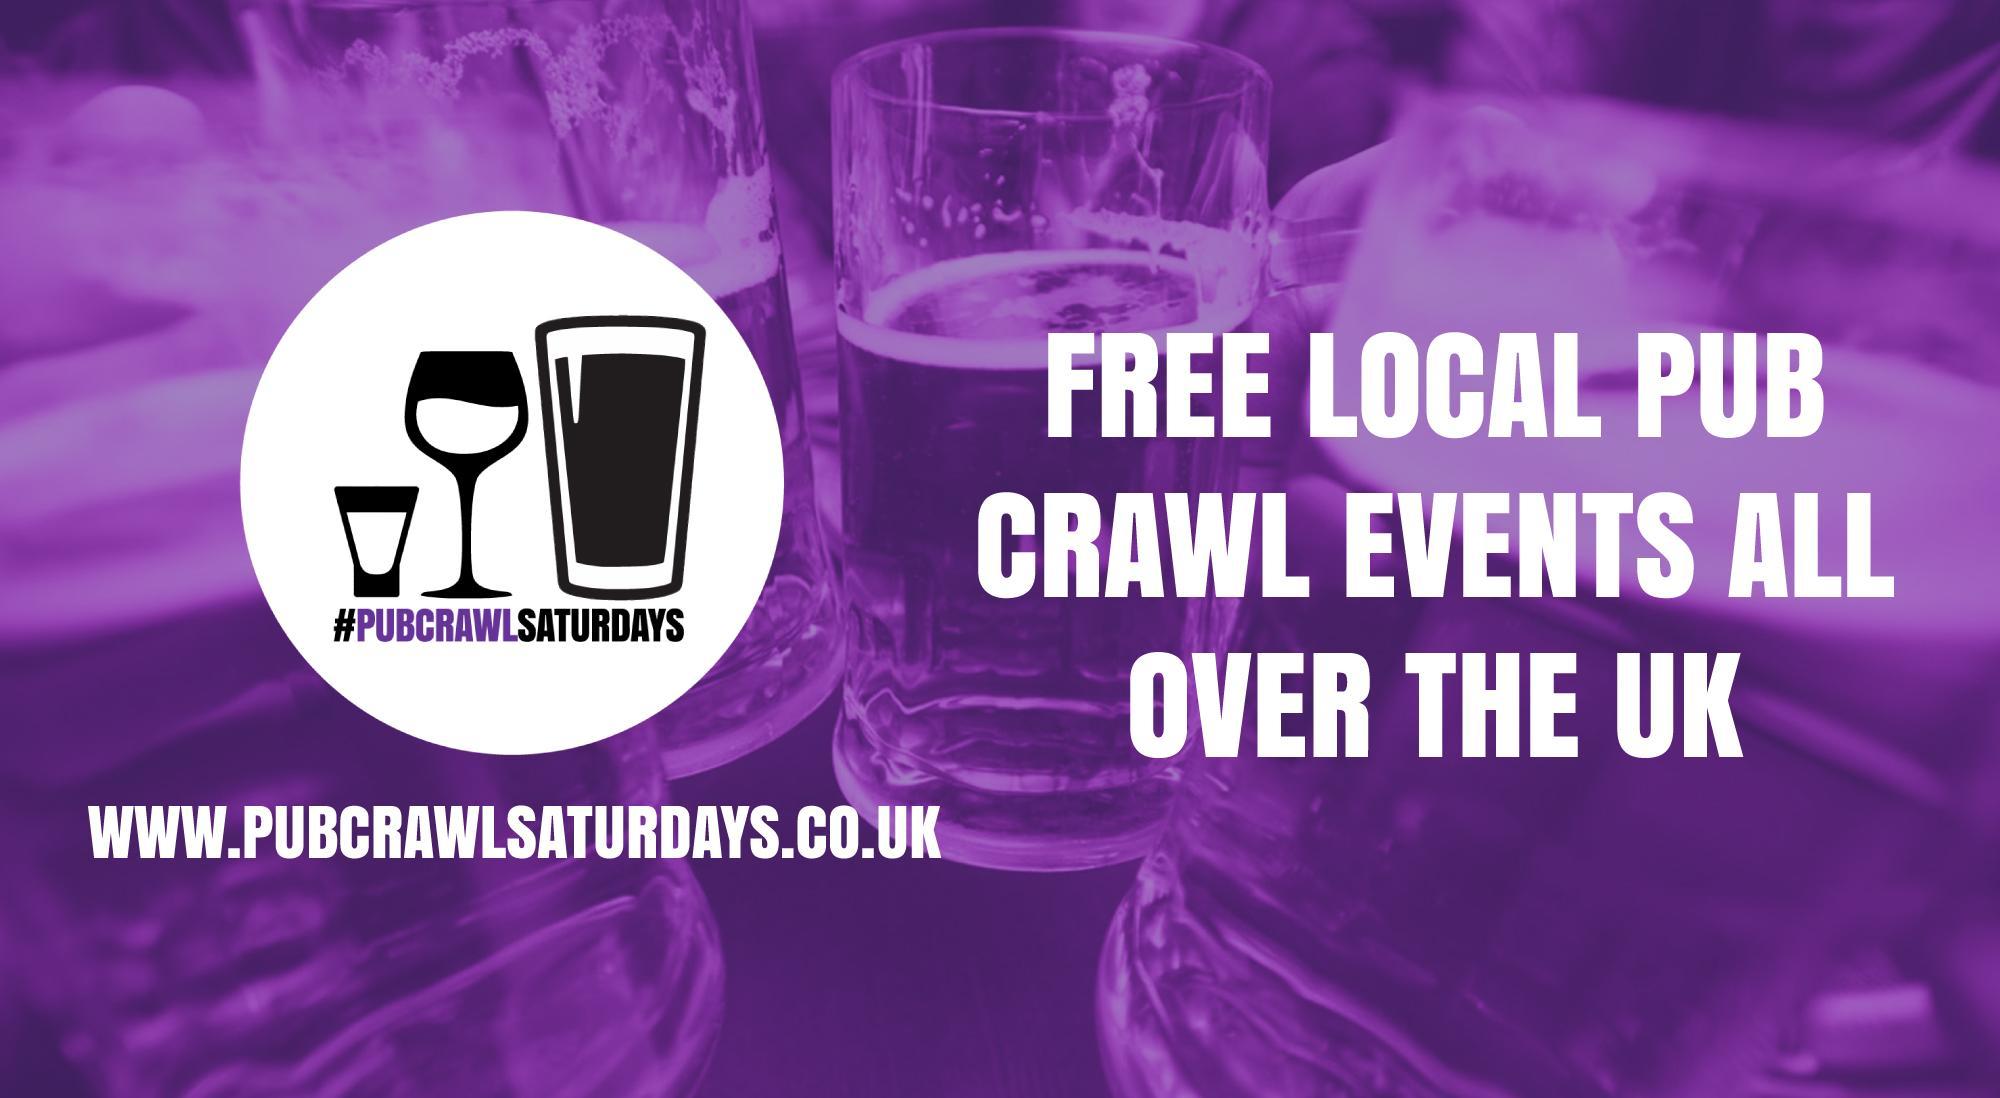 PUB CRAWL SATURDAYS! Free weekly pub crawl event in Mere Green